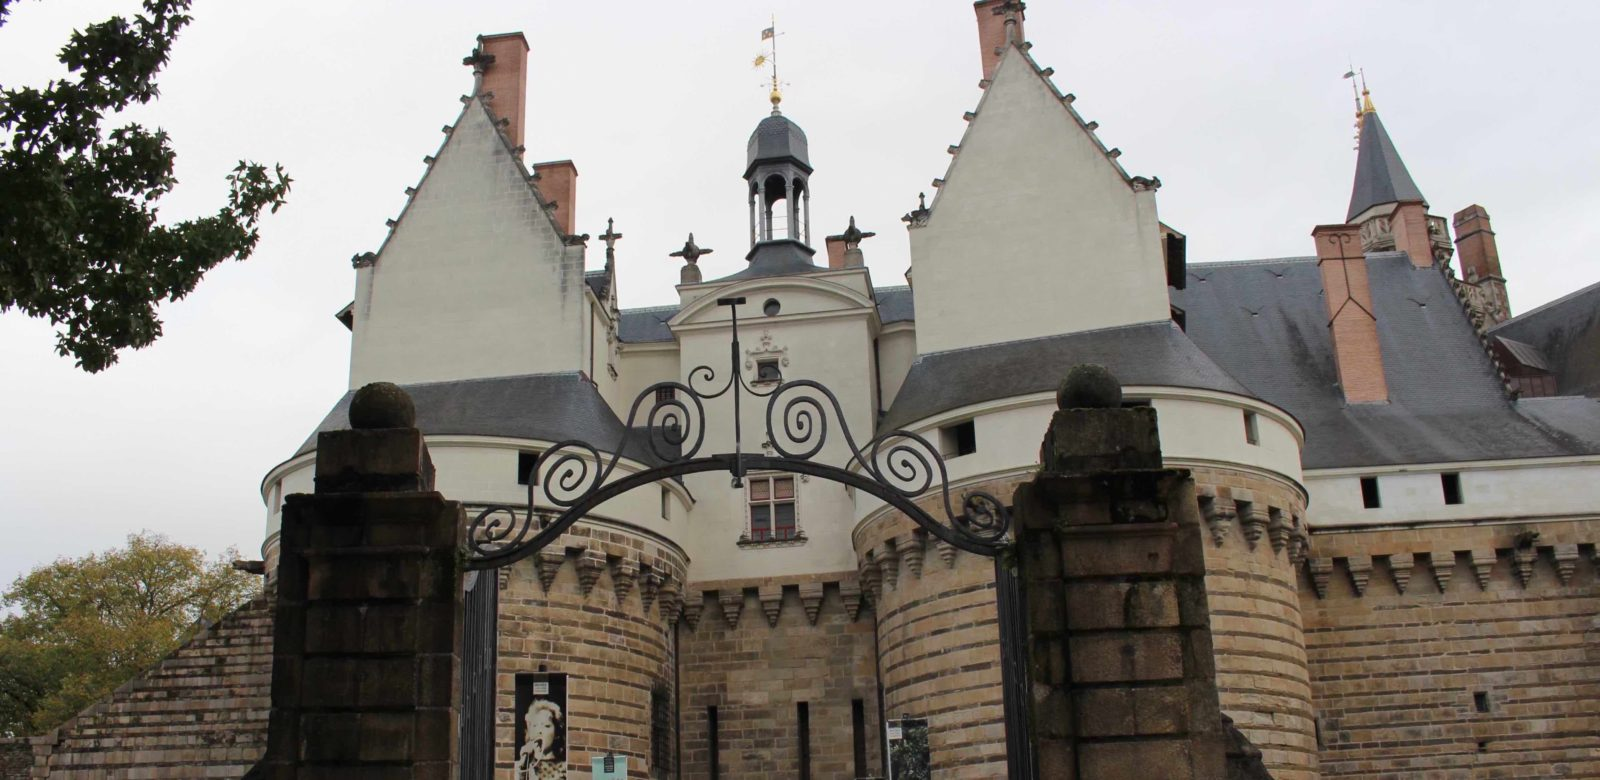 Nantes ~ Château des Ducs de Bretagne